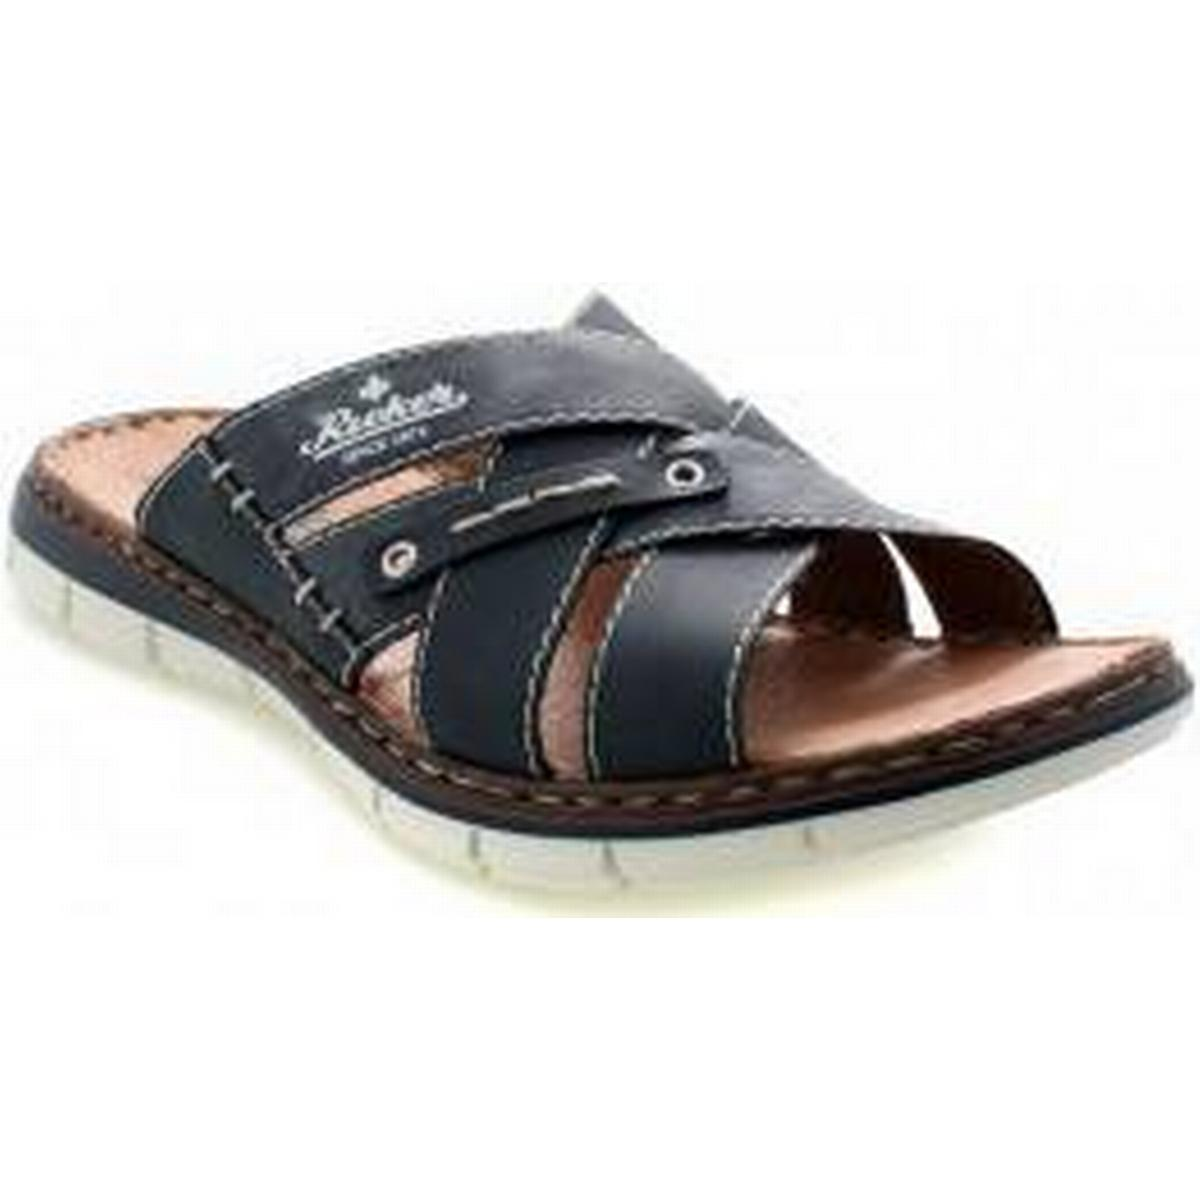 Herre rieker sandal Sko Sammenlign priser hos PriceRunner